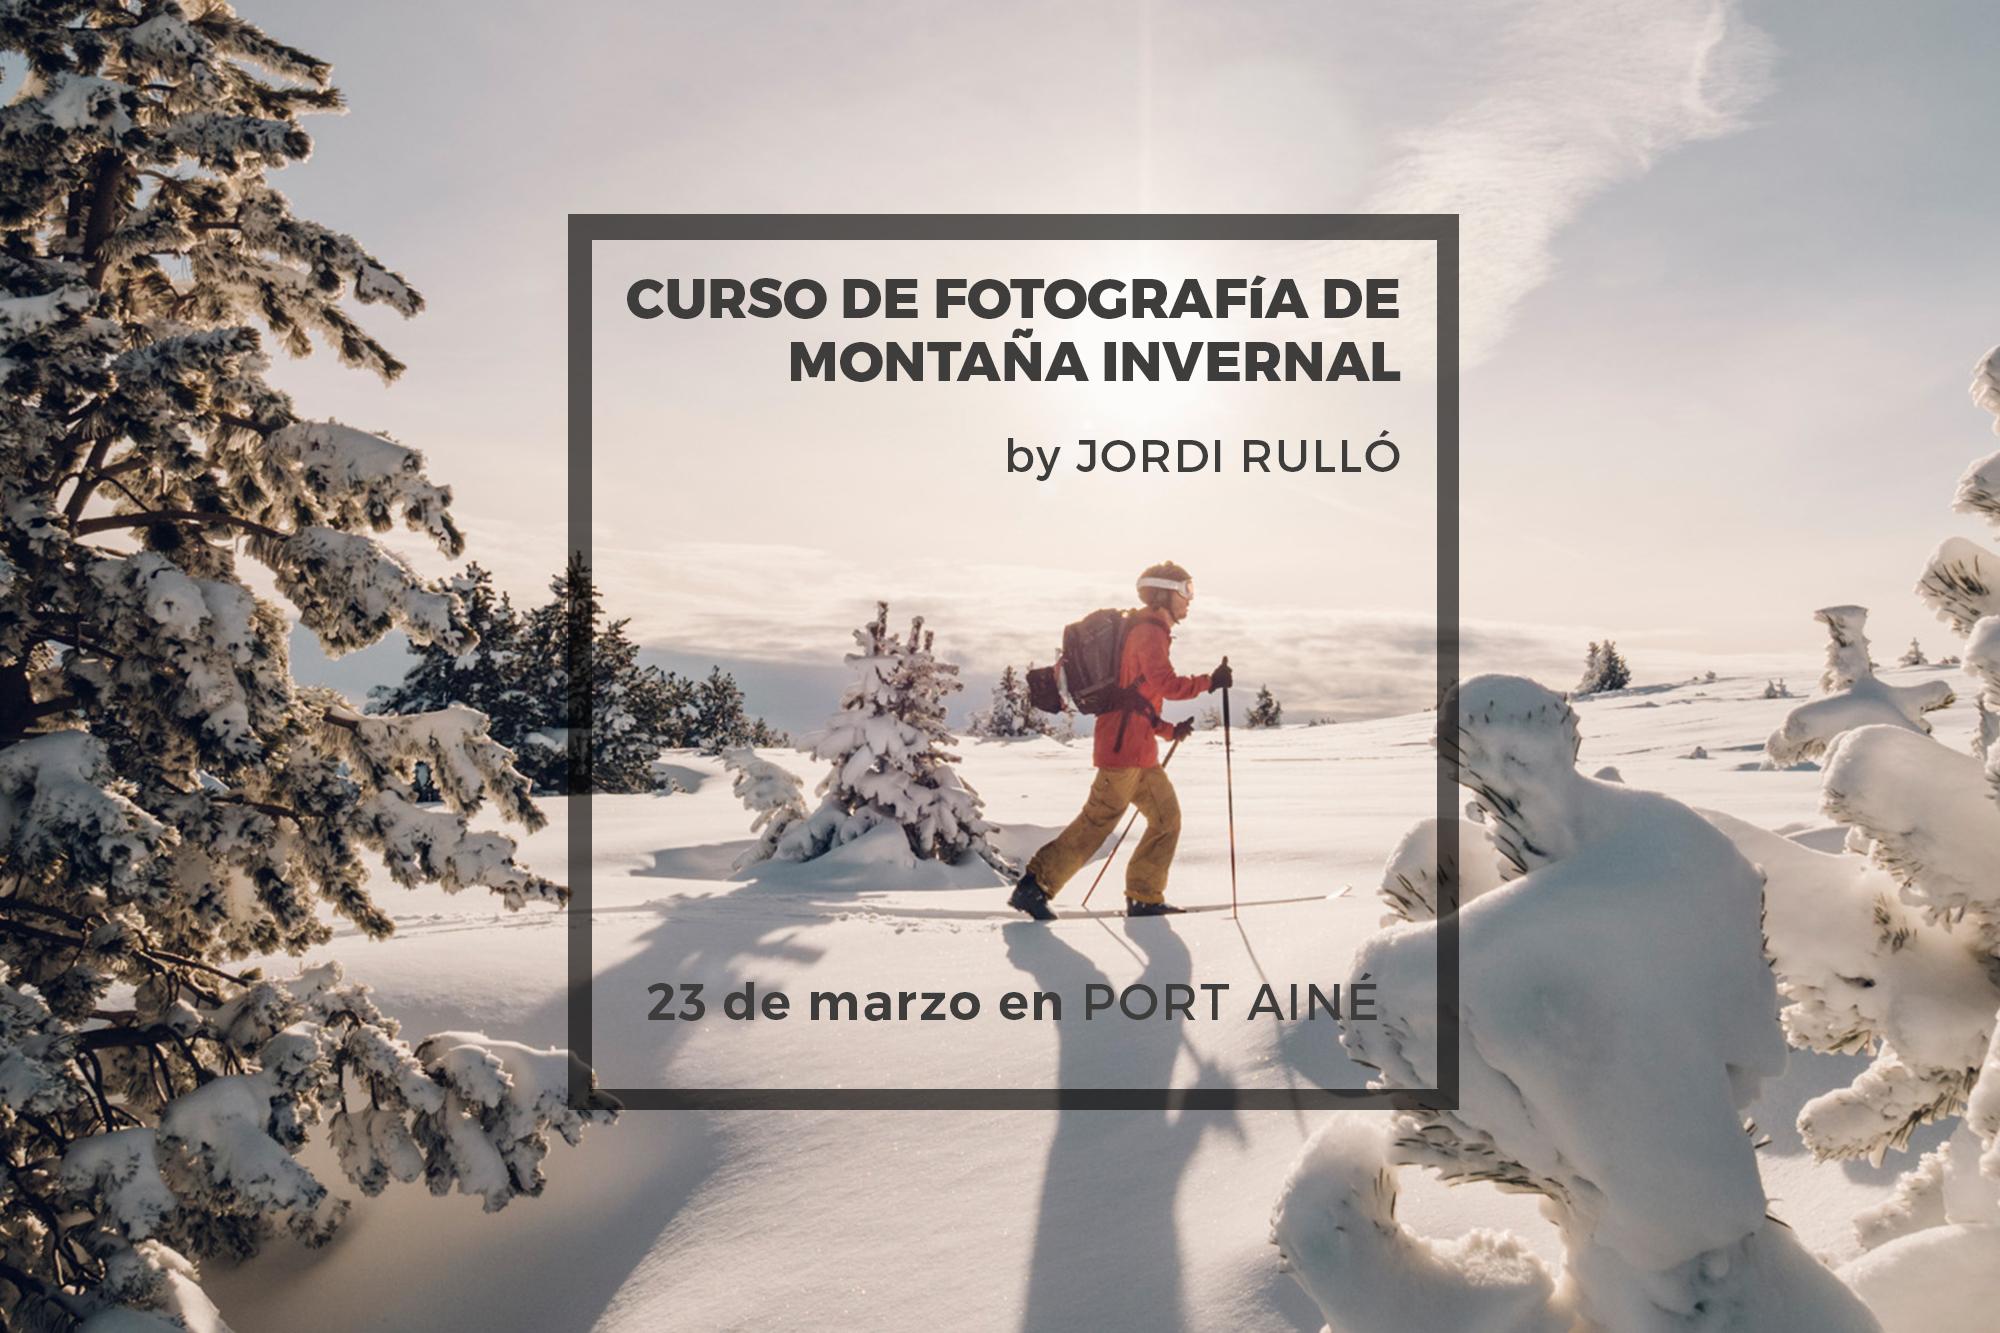 Curso de fotografía Jordi Rulló